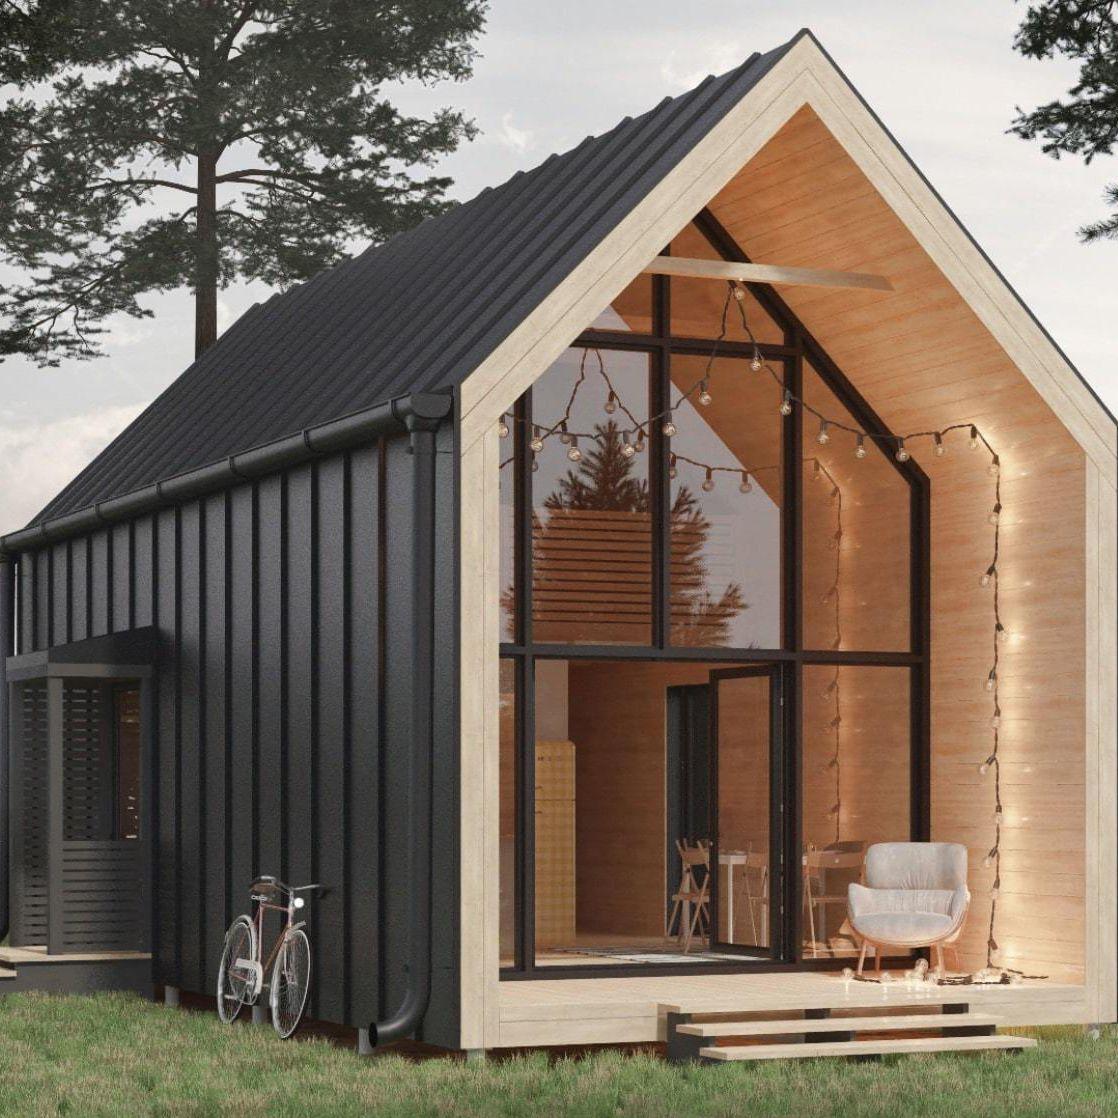 Maison Ossature Métallique Contemporaine maison type bungalow / contemporaine / ossature métallique